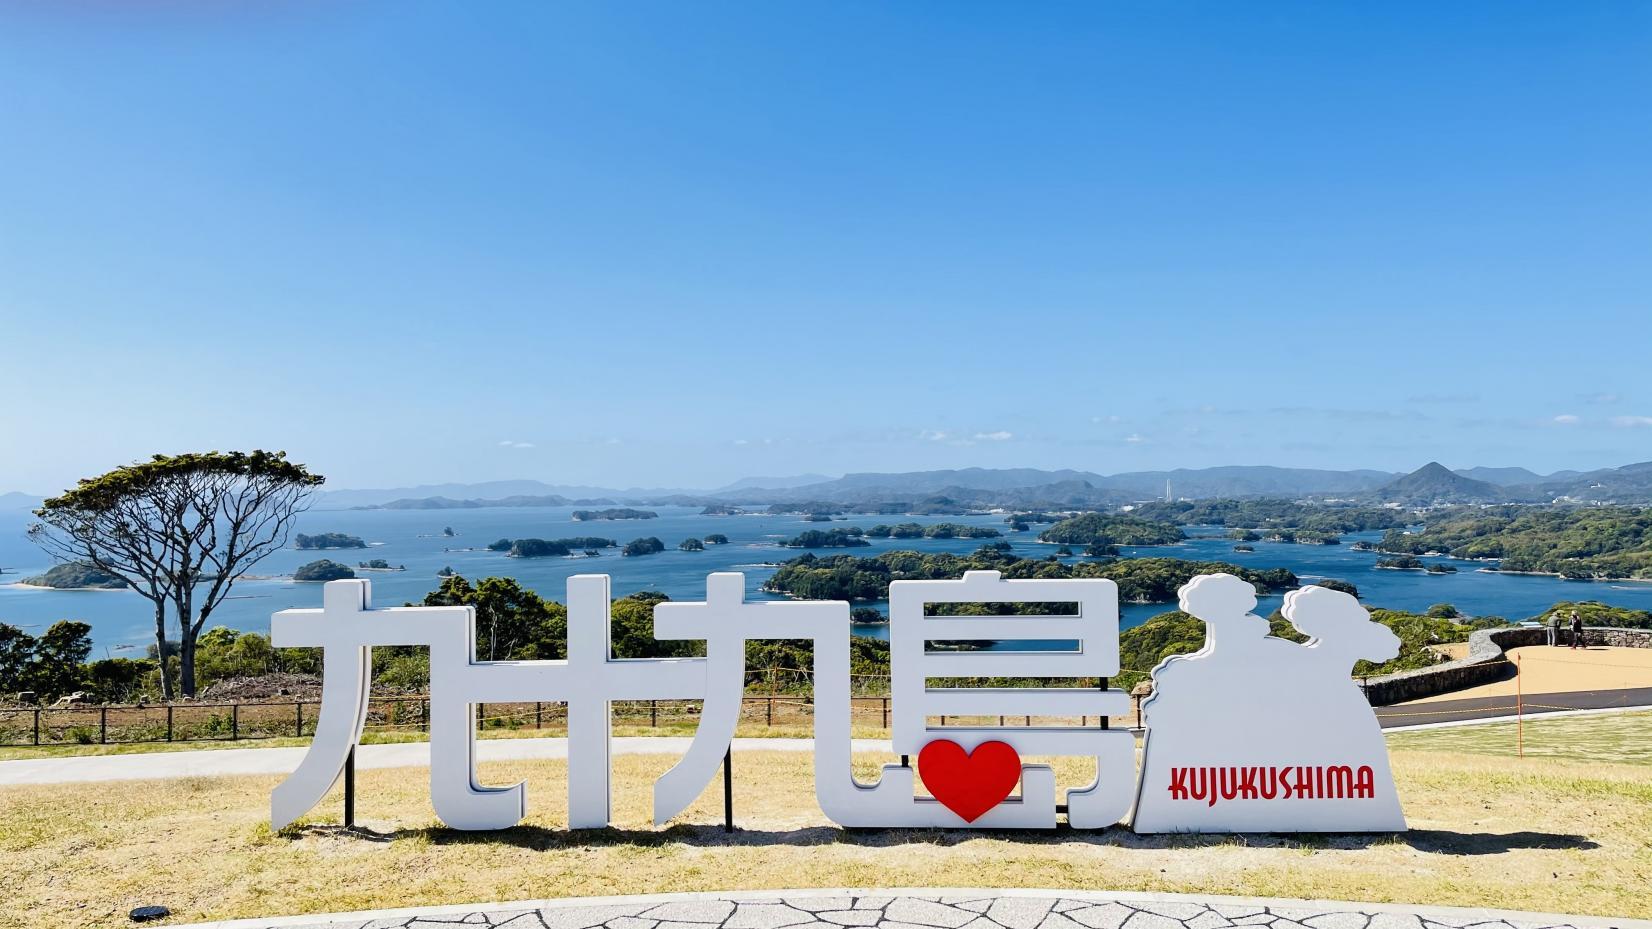 2021年OPENのニュースポット「九十九島観光公園」-0